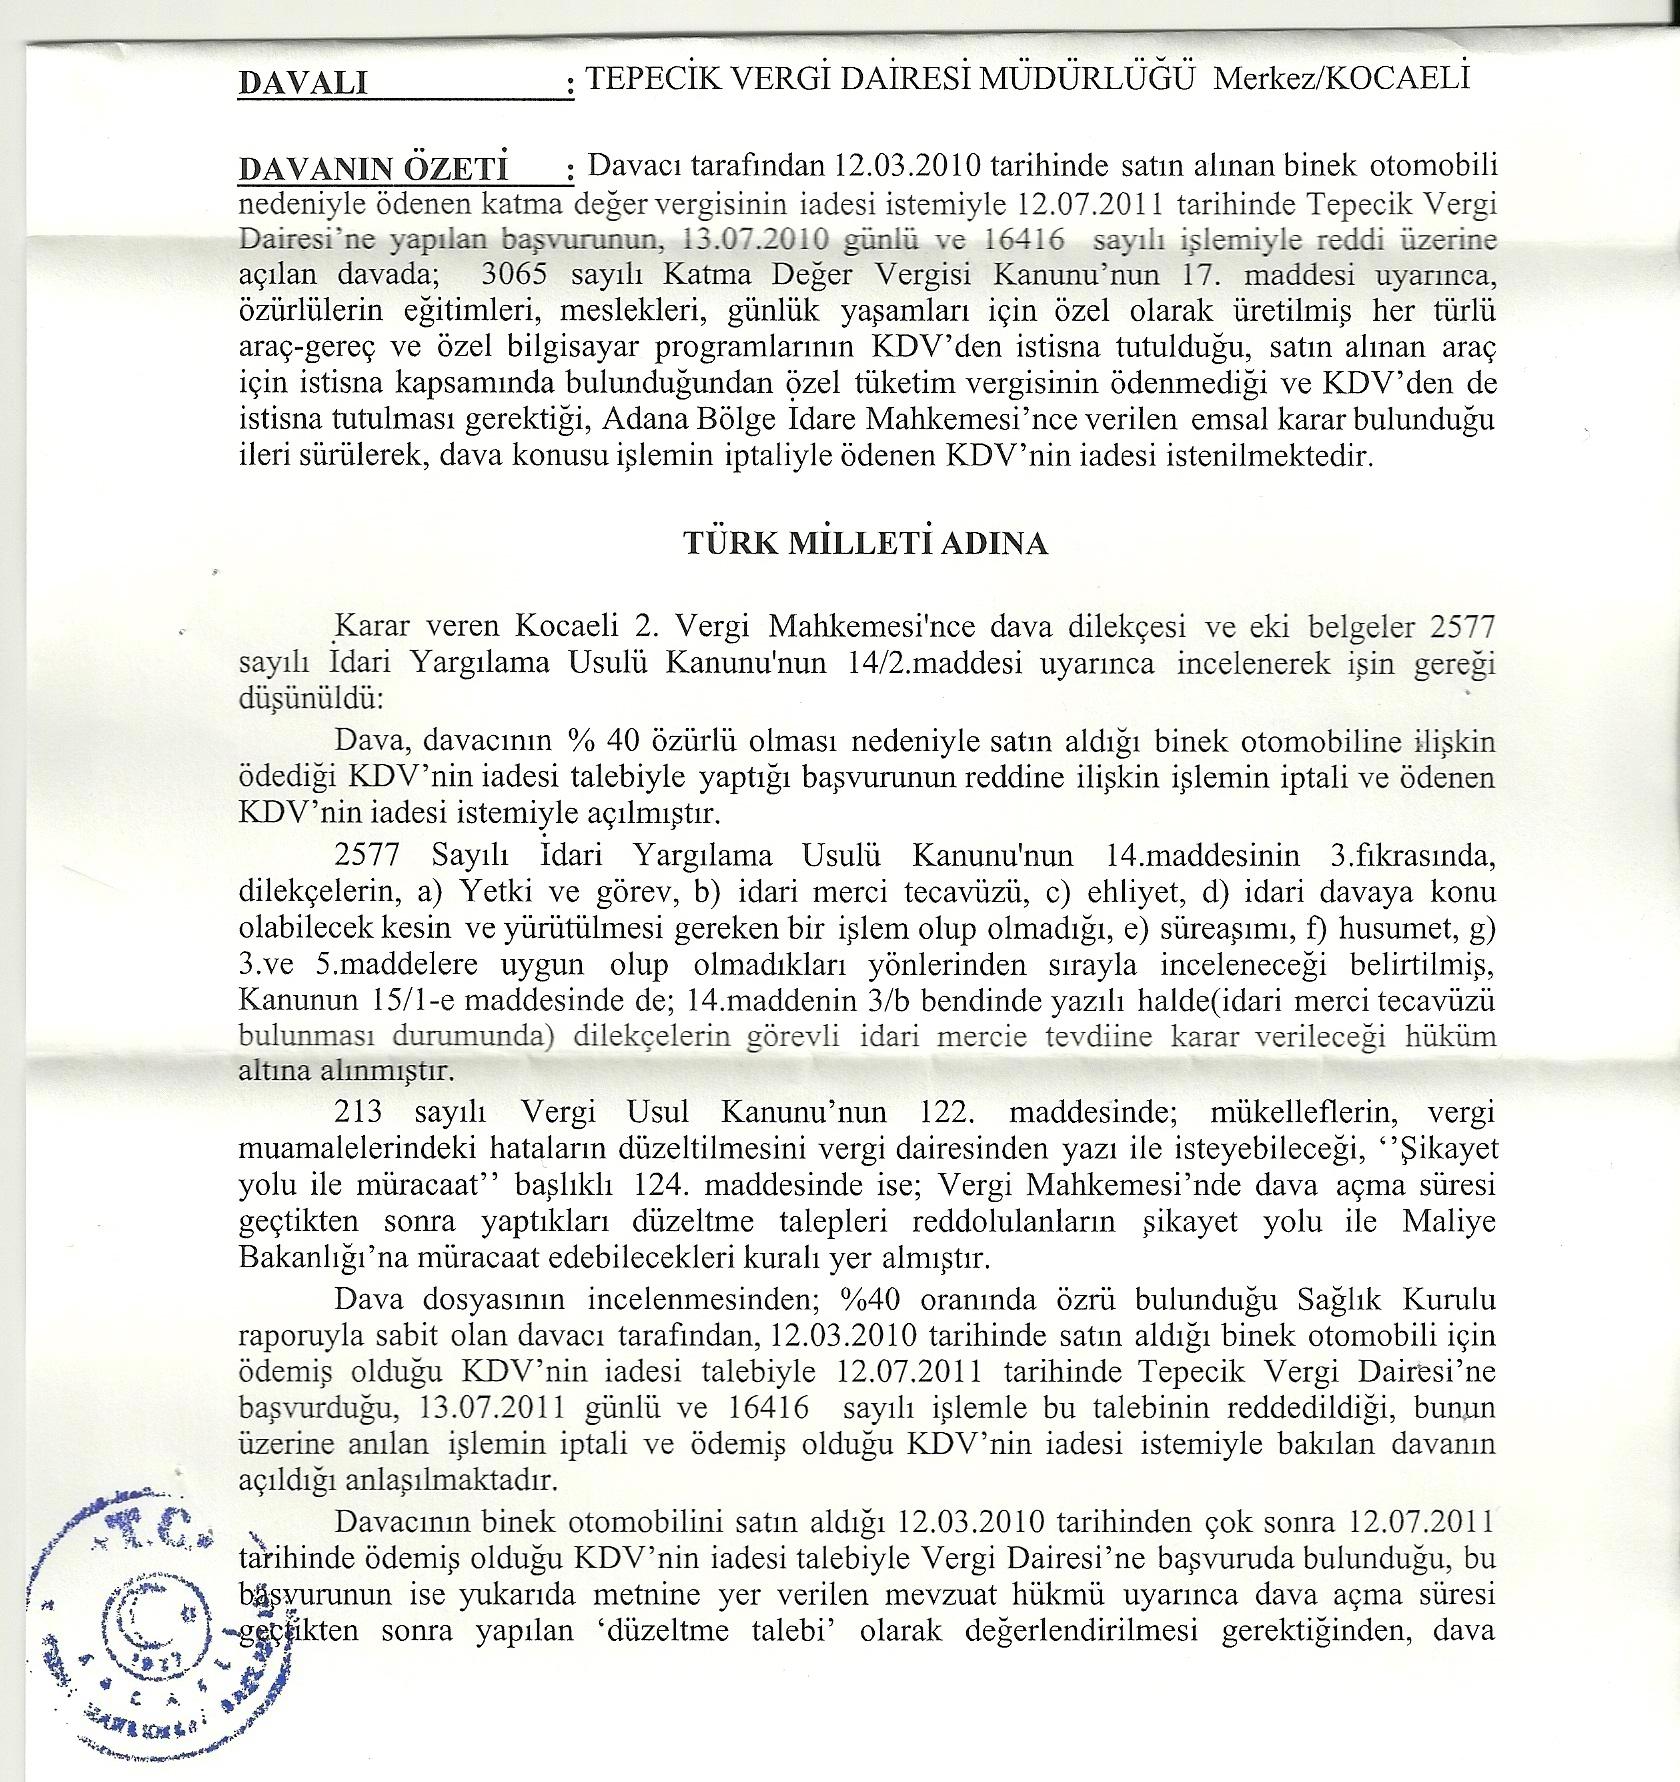 idarimercitecavuzu1 - Sakat statüsünde alınan araç için ödenen KDV'nin geri alınması işlemleri ve süreç